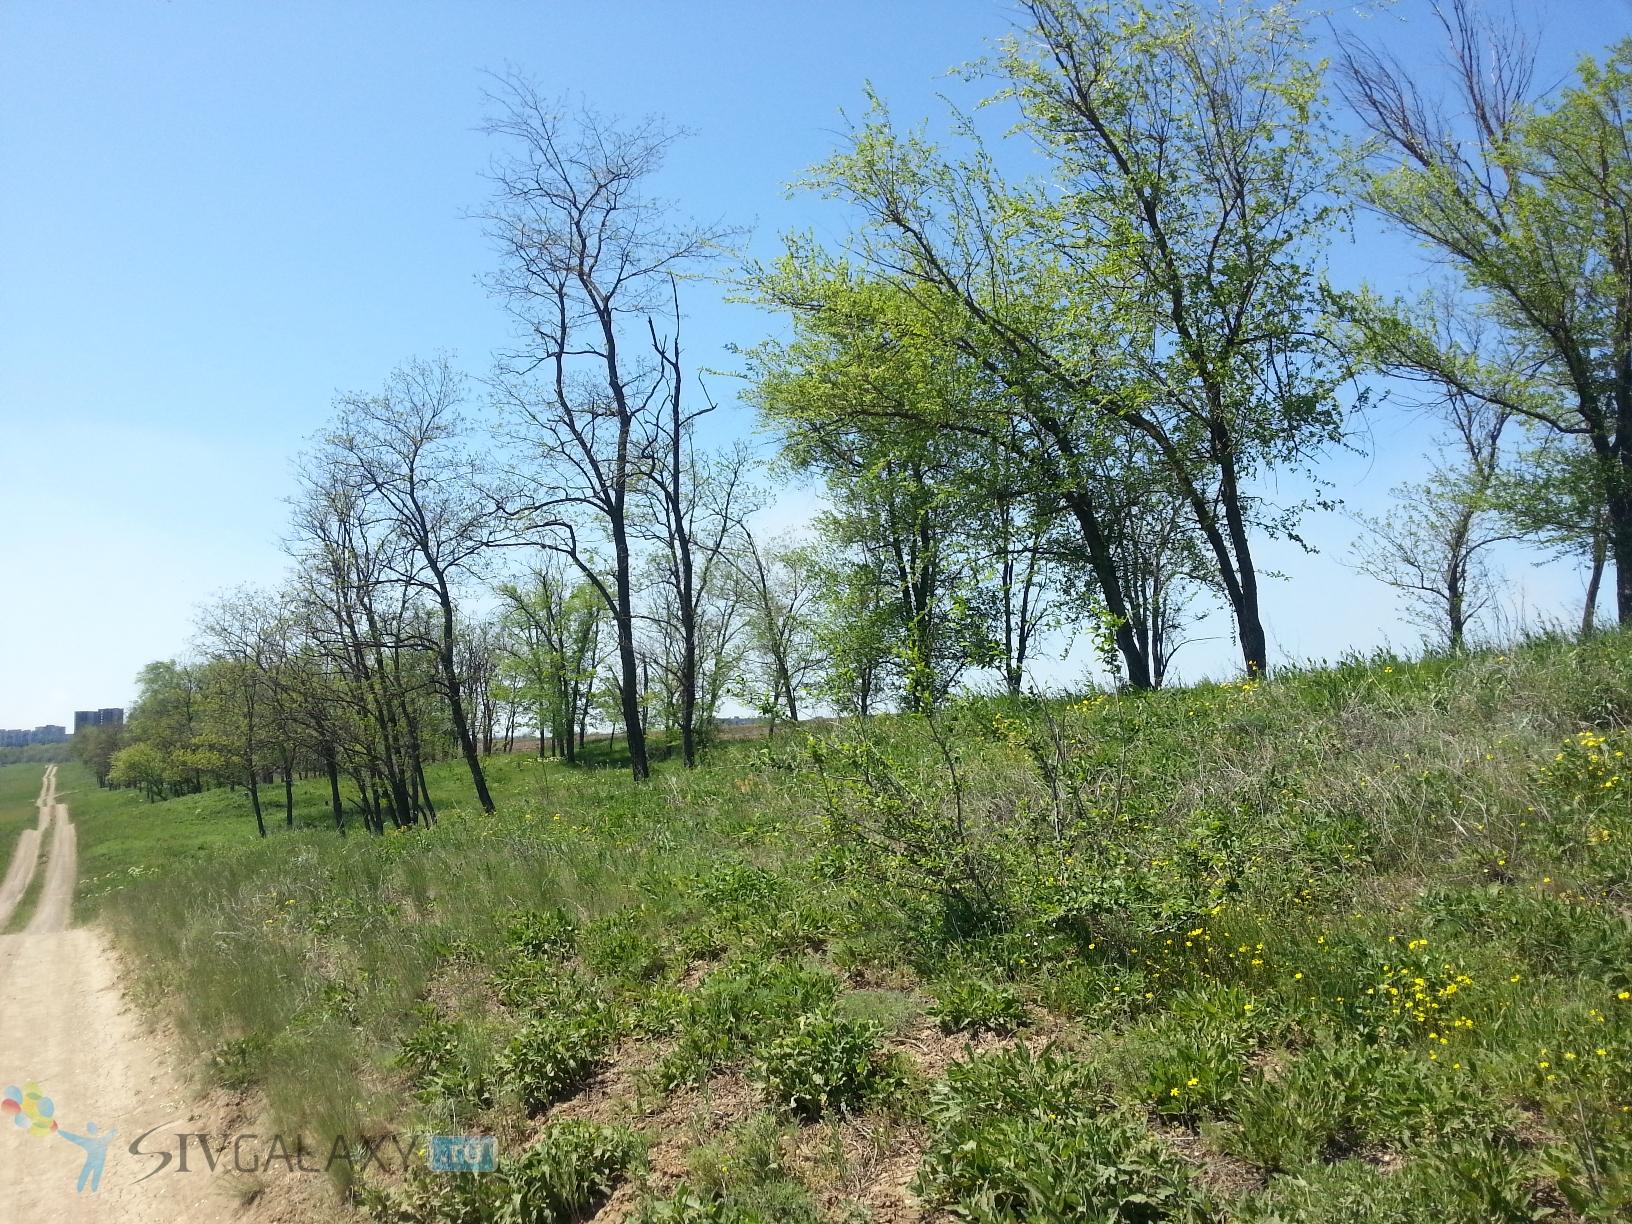 Фото с камеры Samsung Galaxy S3 - несколько деревьев